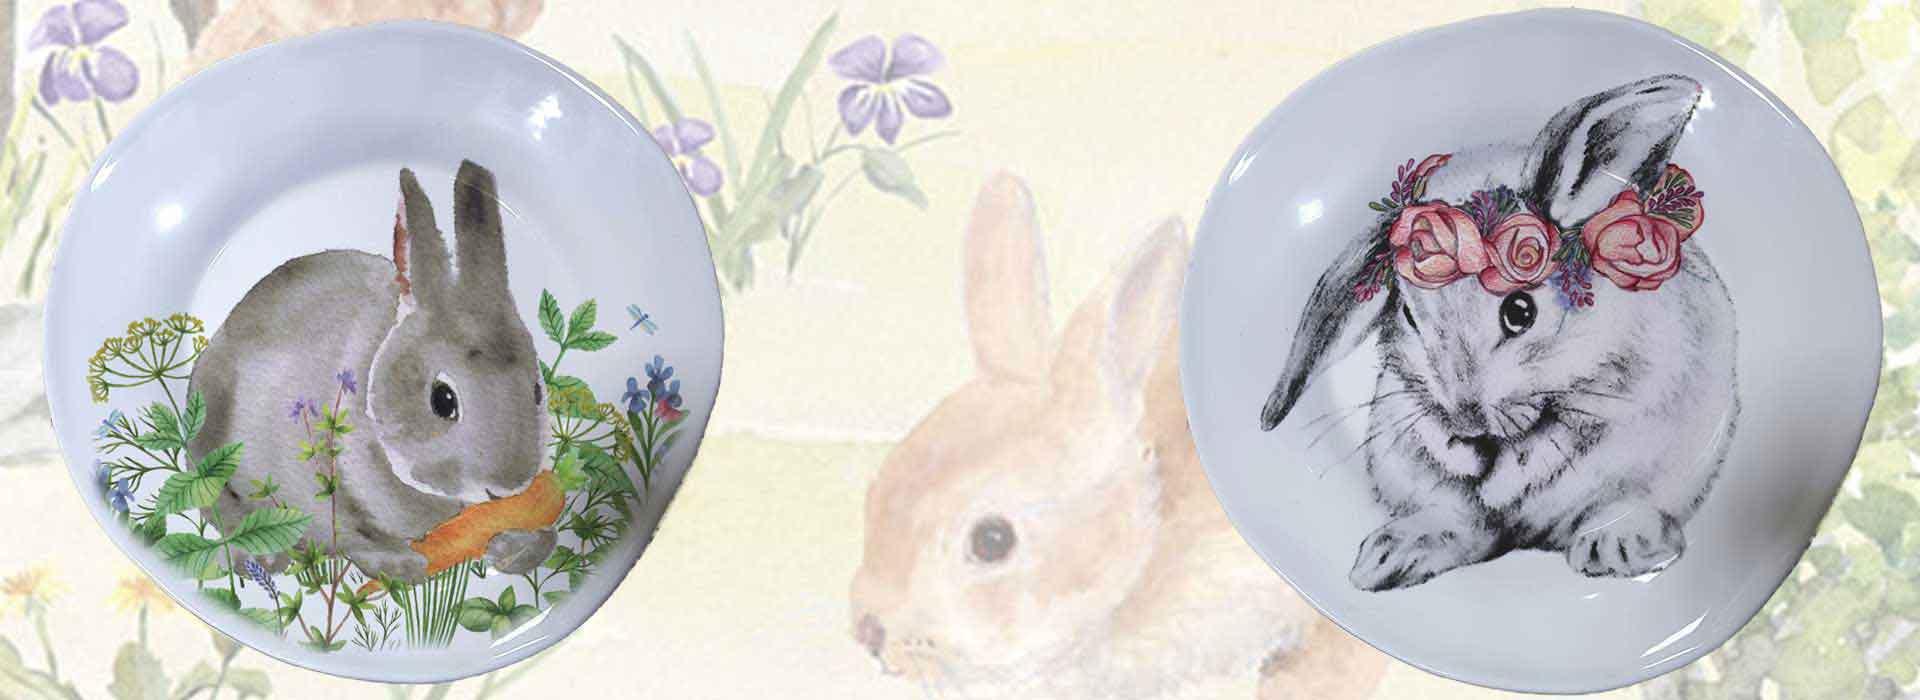 Selezione piatti in ceramica artigianale decoro coniglietto pasquali